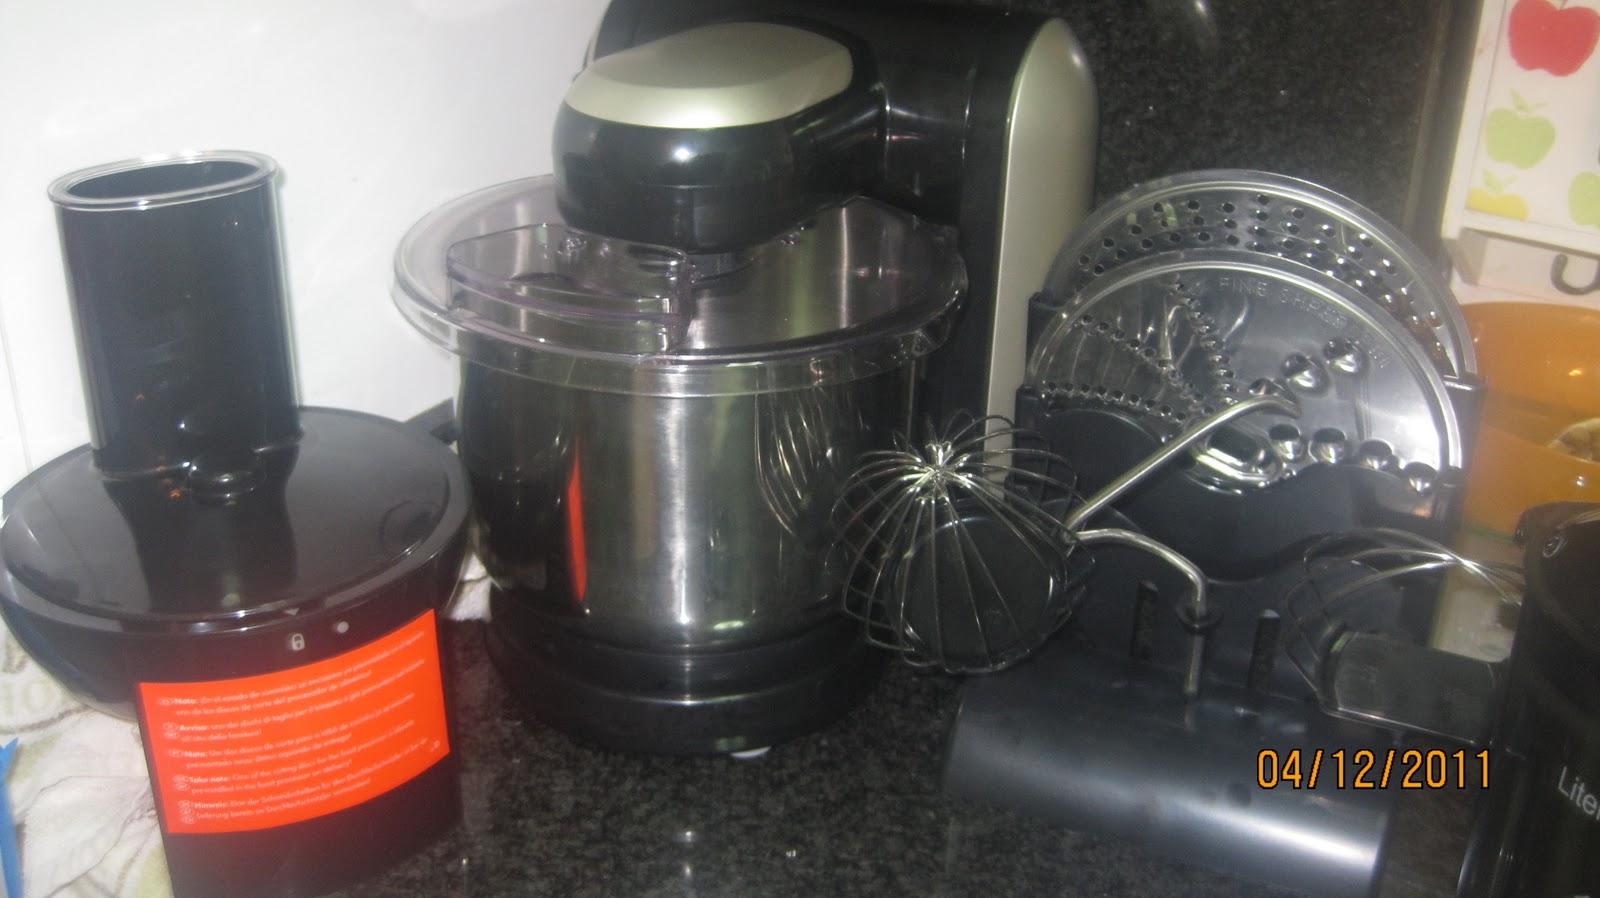 Recetas de cocina casera mi nuevo robot de cocina for Robot cocina lidl opiniones